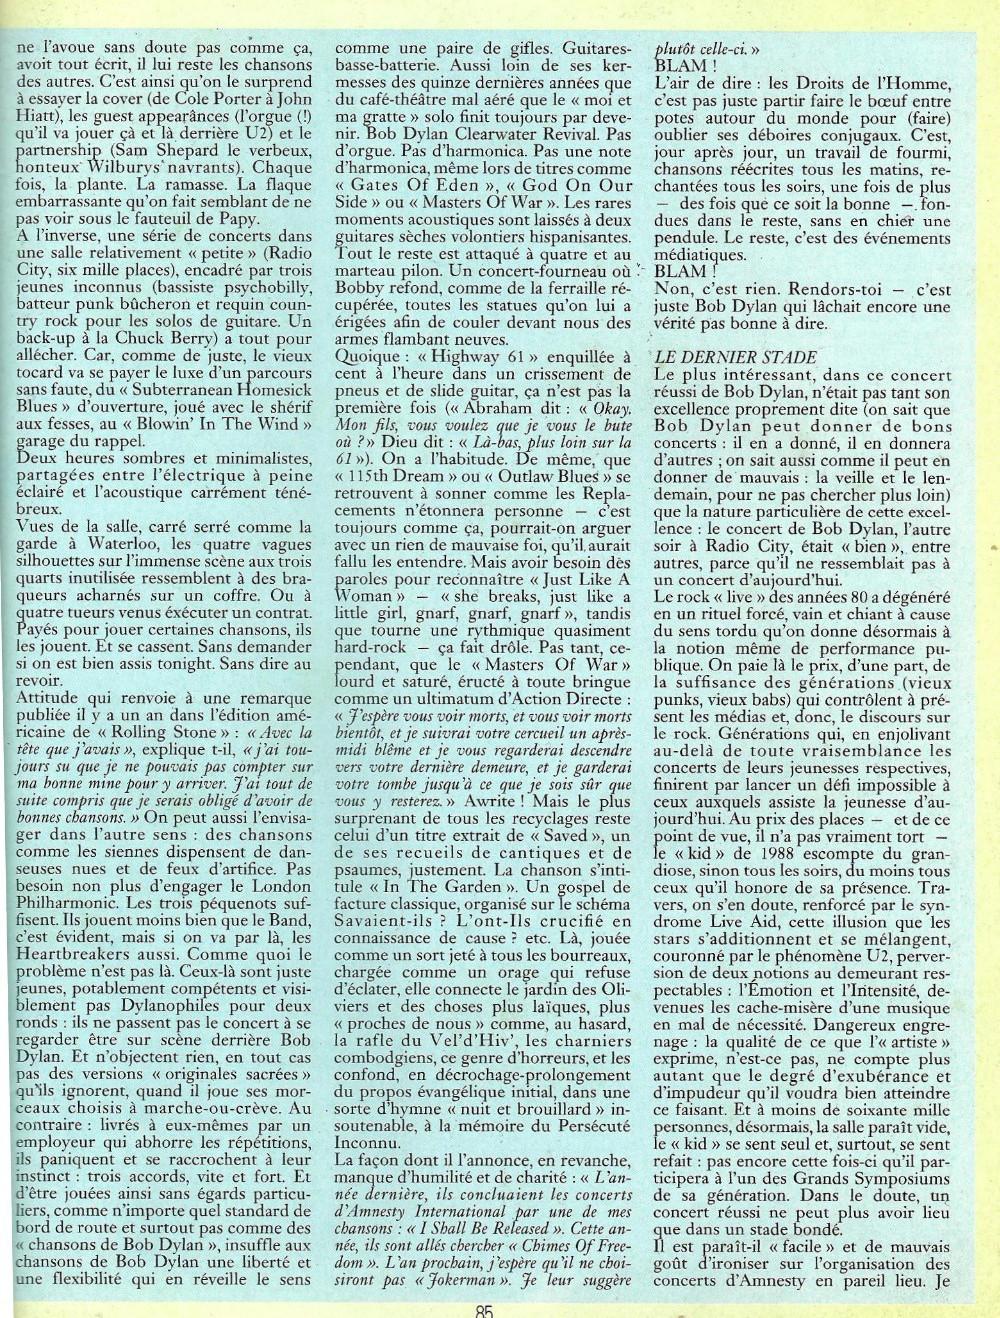 """BOB DYLAN, TOM PETTY & THE HEARTBREAKERS par LAURENT CHALUMEAU 1987 (""""Rock Folk"""") 16112708465120773814663432"""